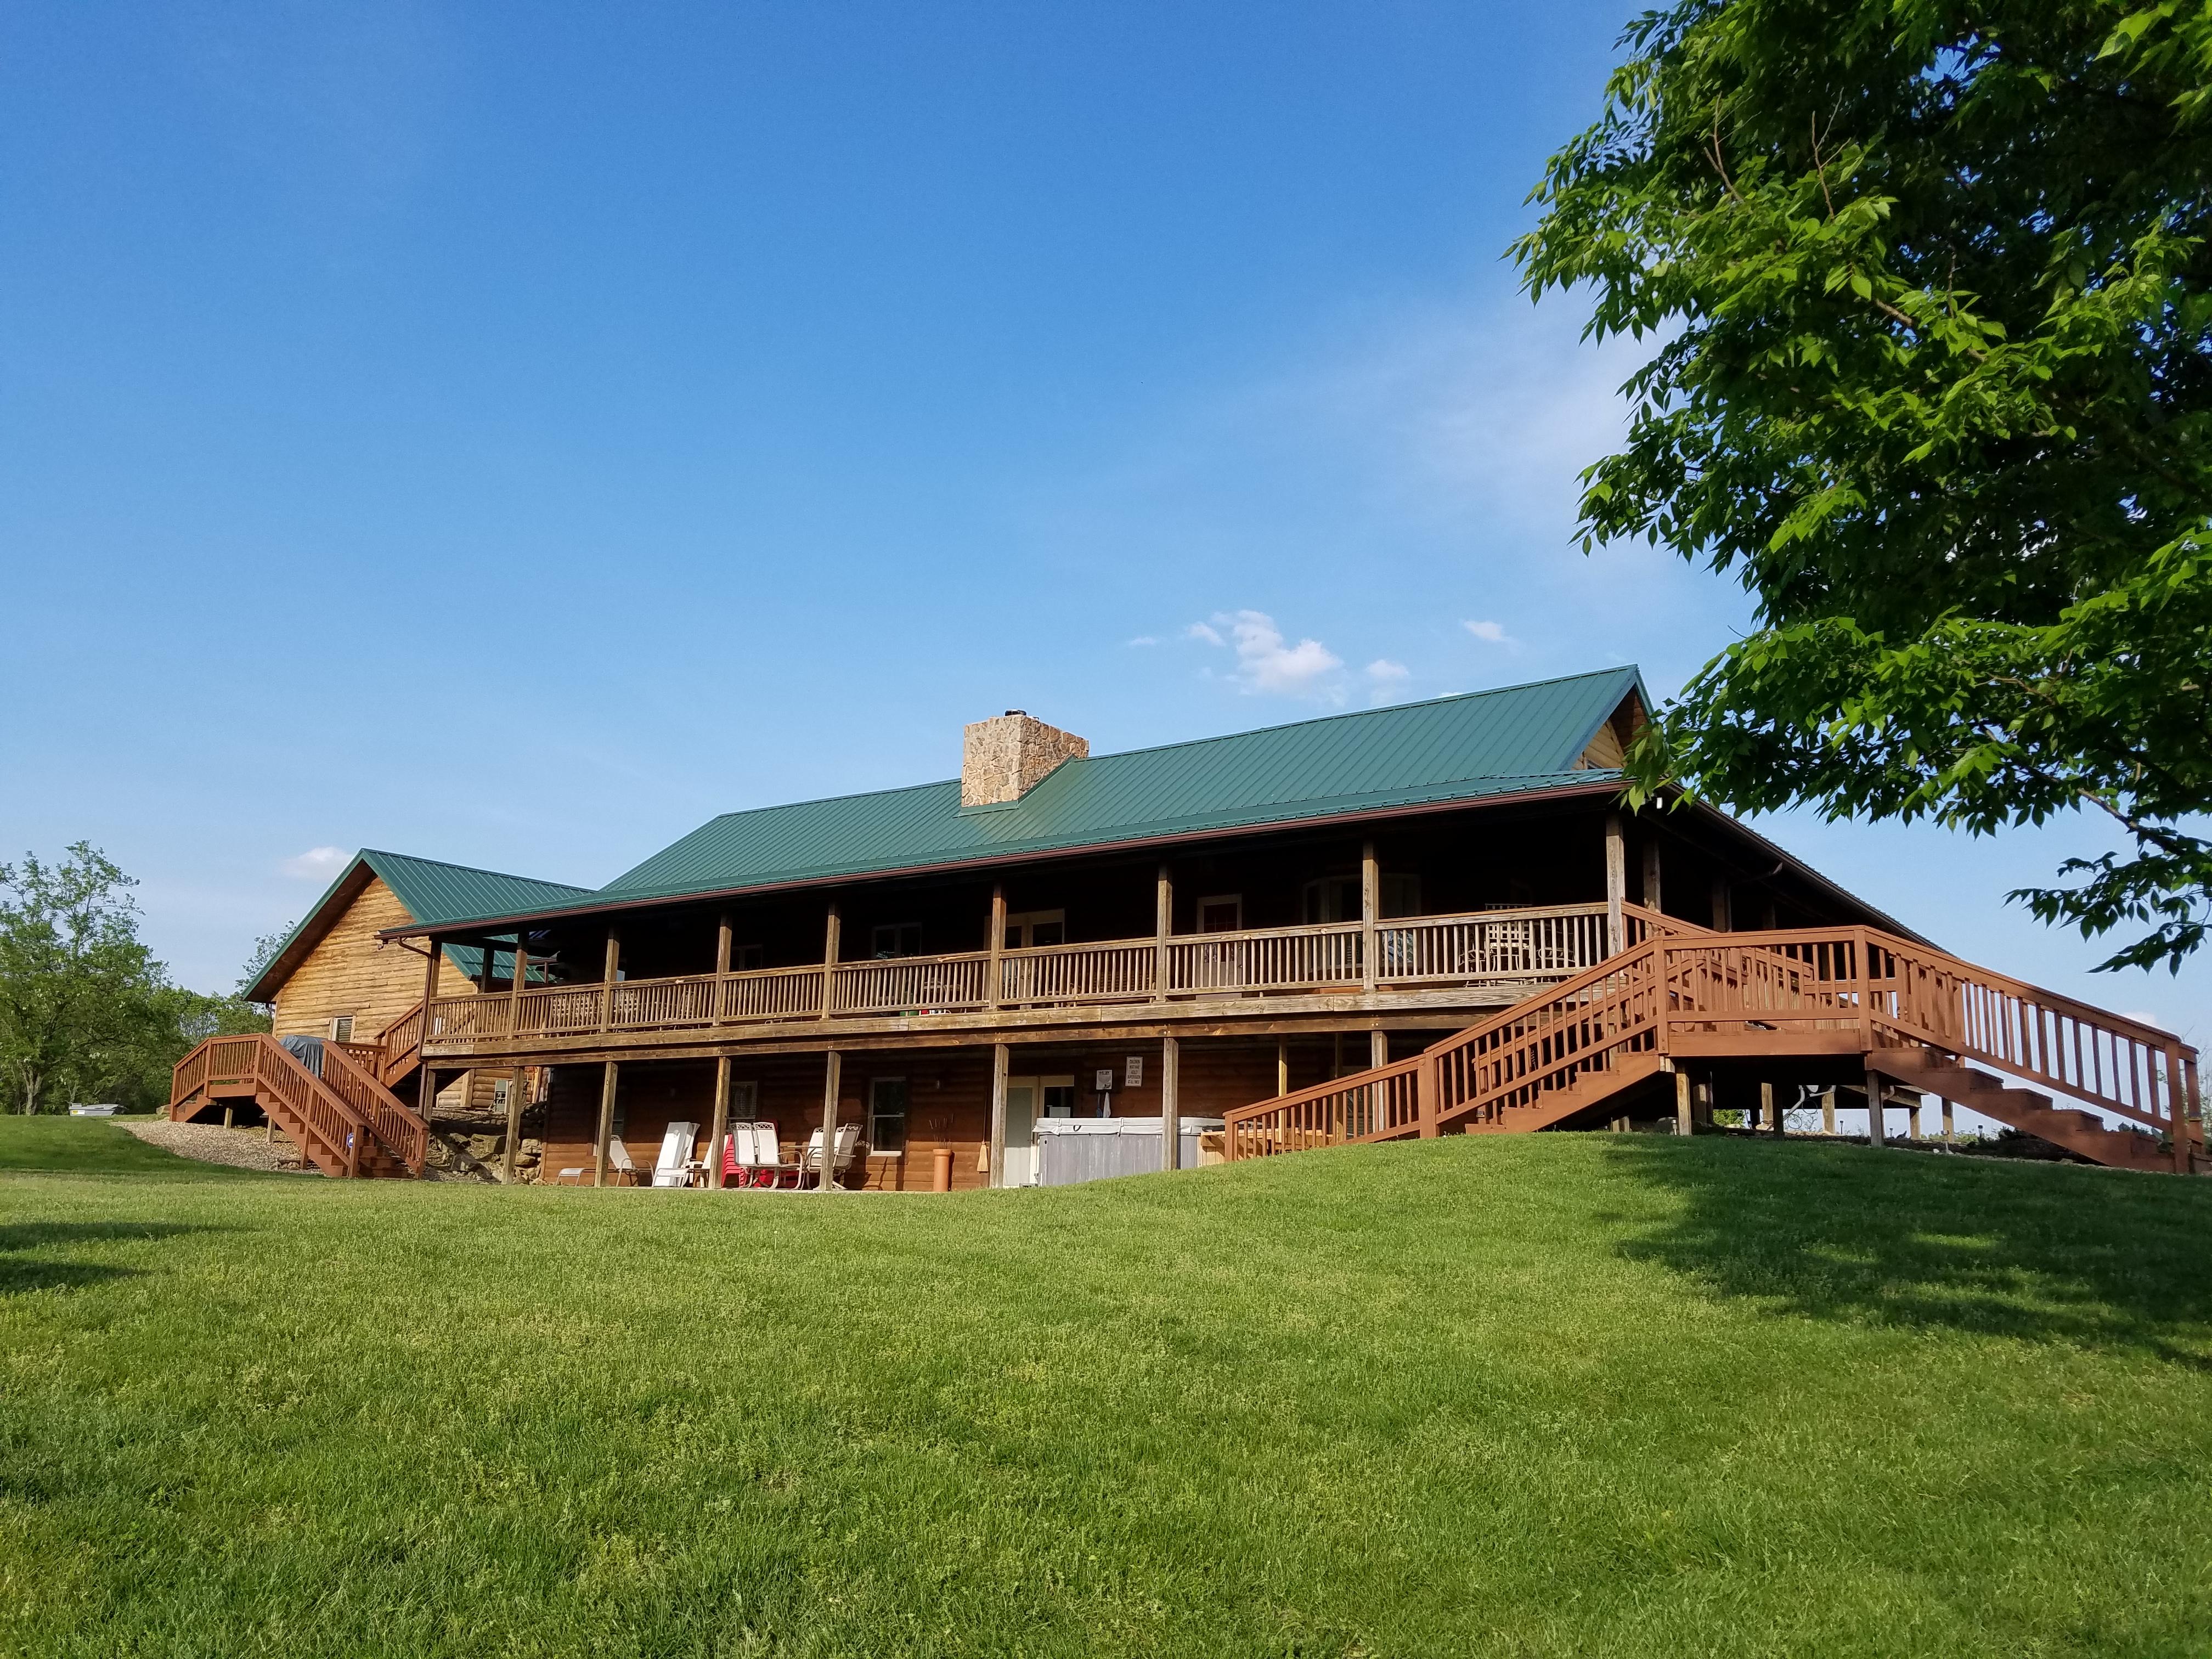 Mesa Vista Lodge - Backyard View